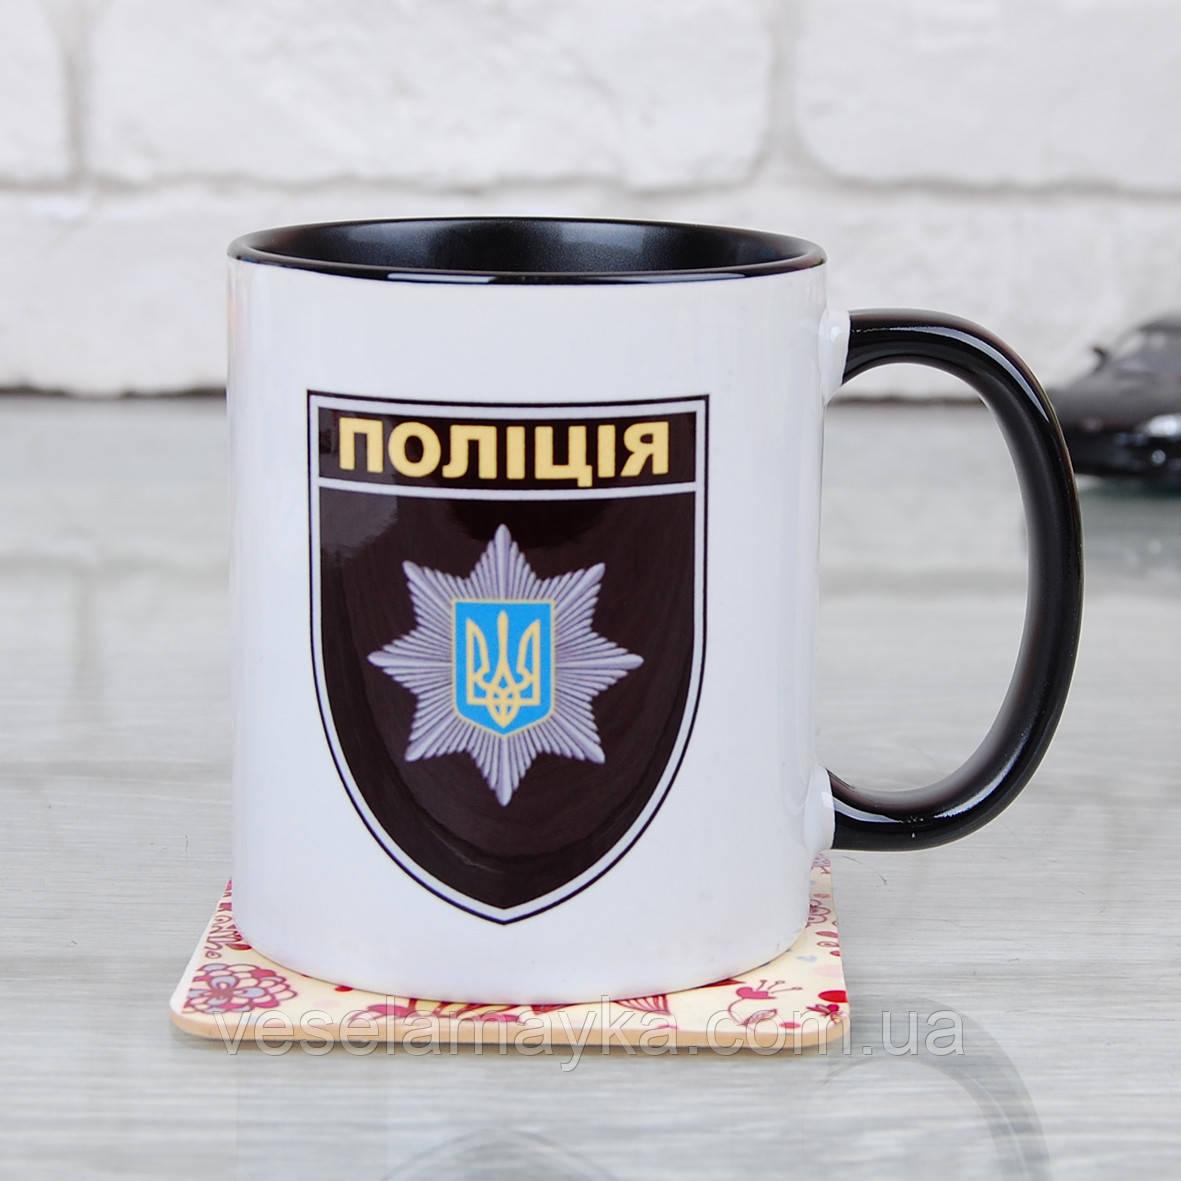 Чашка Шеврон поліції